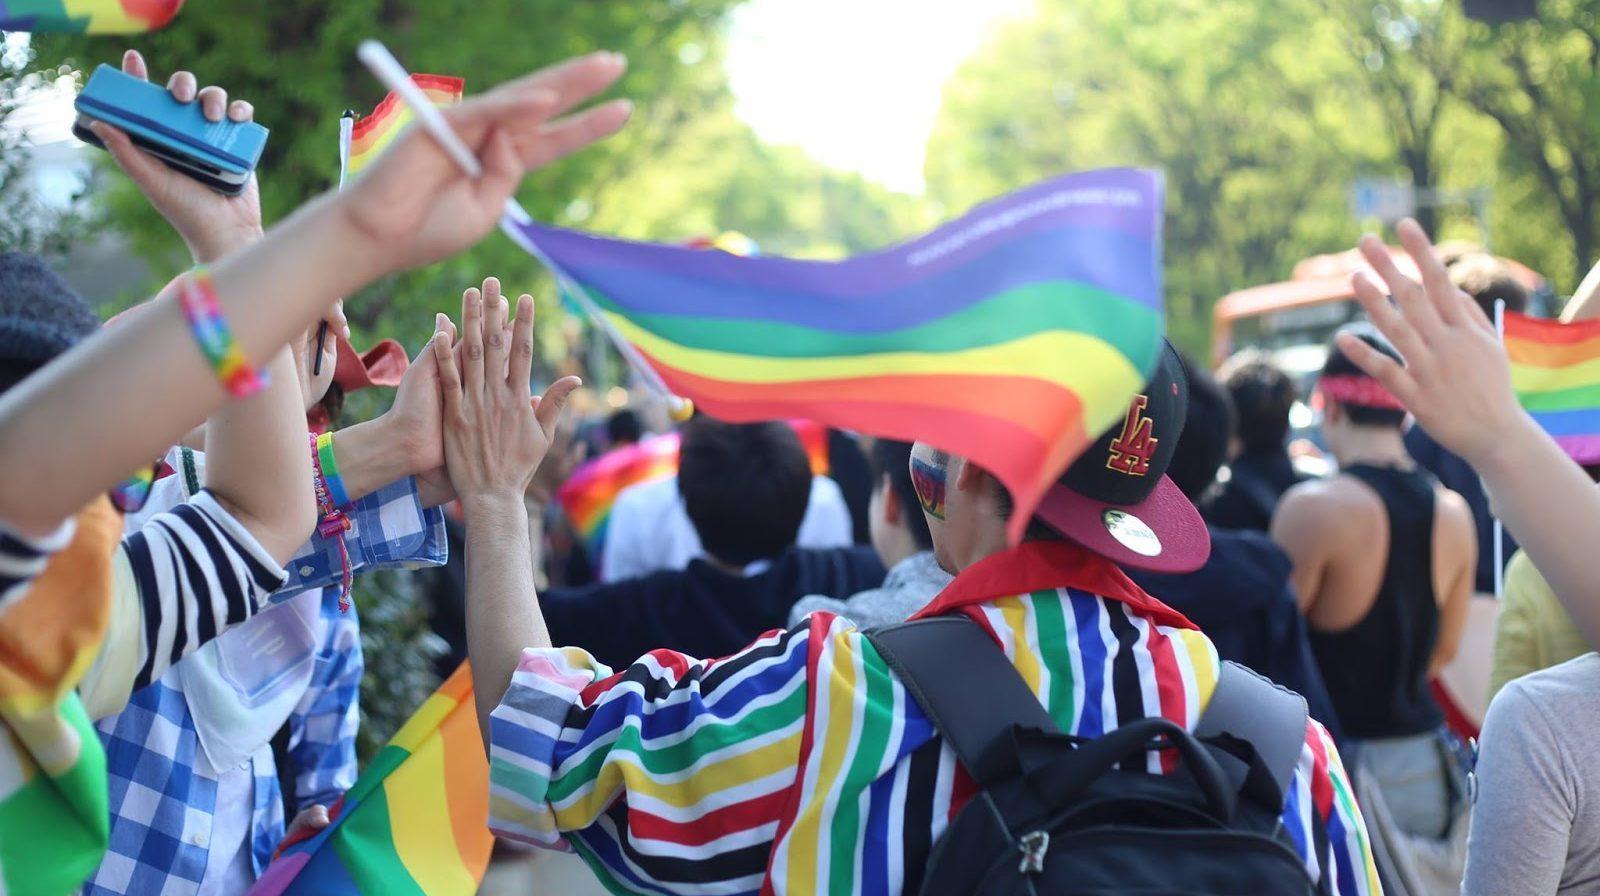 Tokyo Onur Yürüyüşü, Binlerce Kişinin Katılımıyla Gerçekleşti